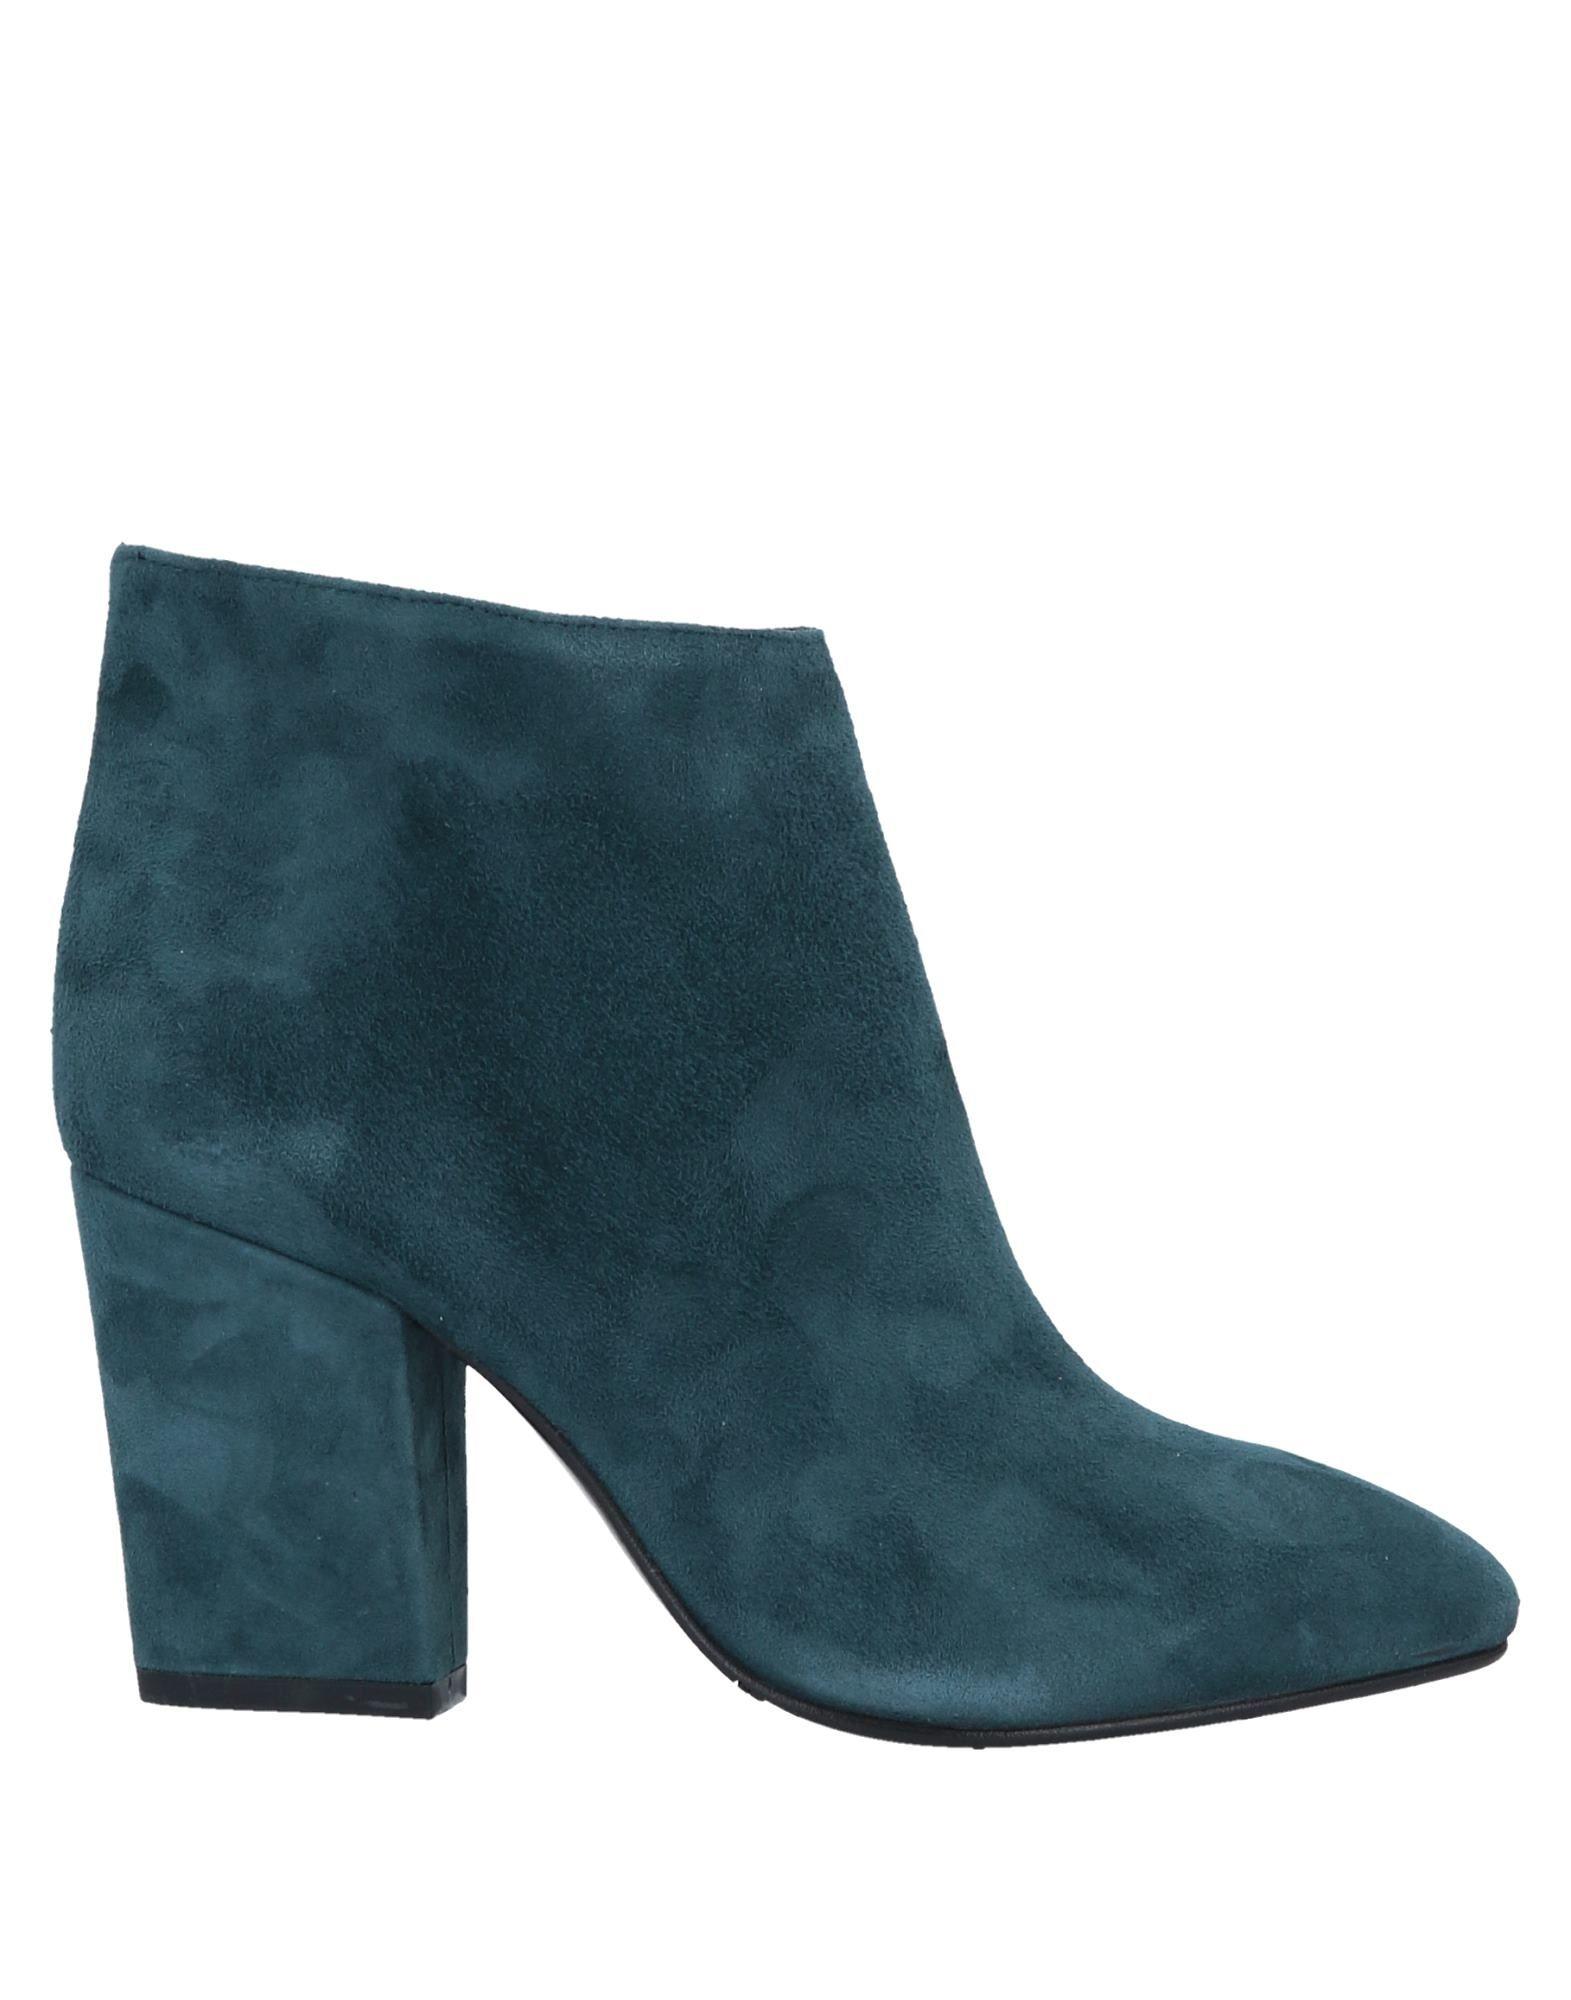 цены на ESTELLE Полусапоги и высокие ботинки в интернет-магазинах